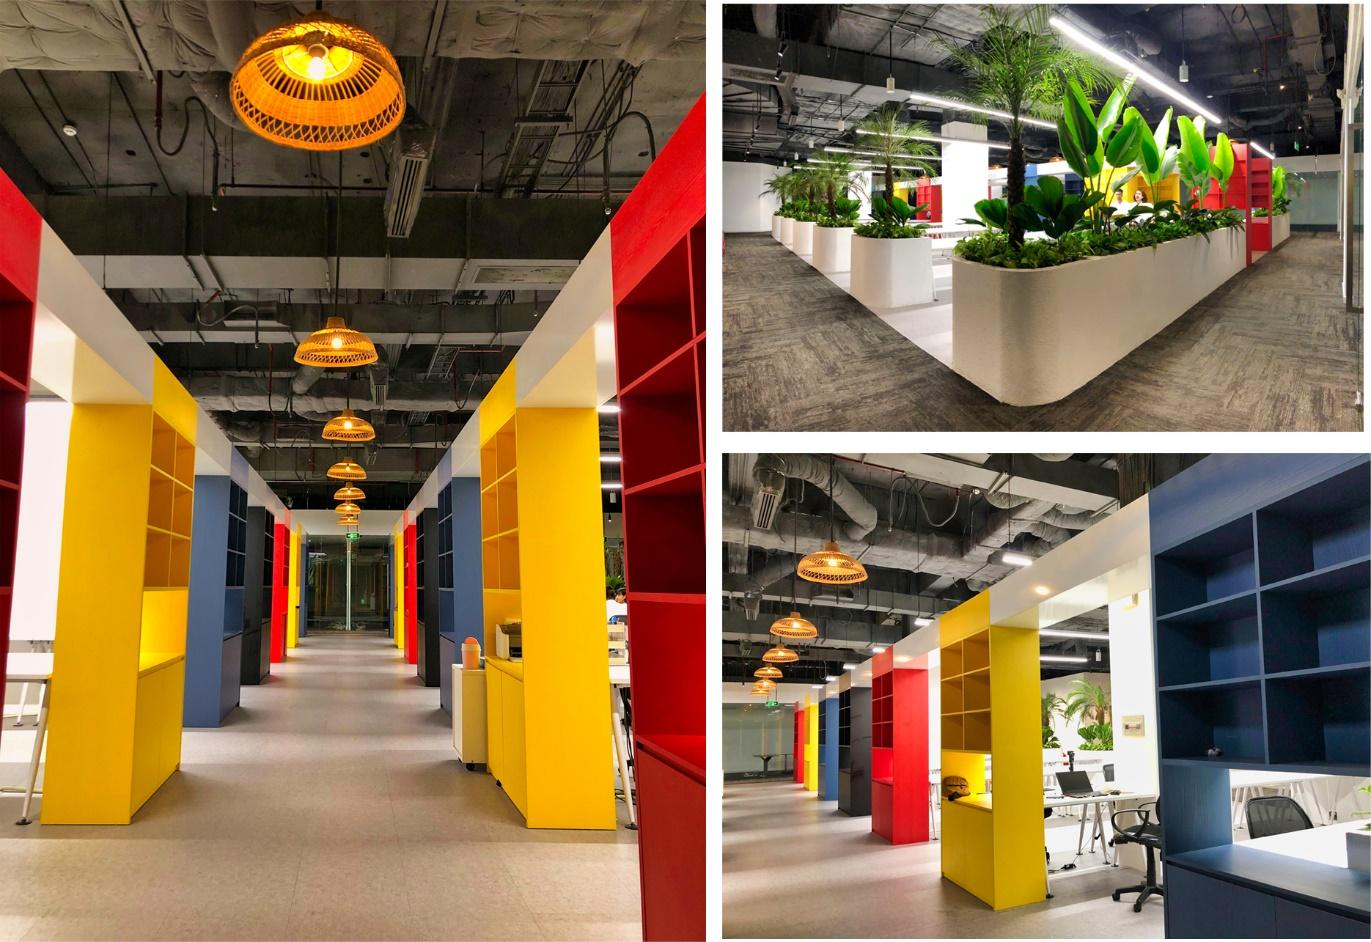 Apec Coworking Space: Không gian làm việc trong mơ của giới văn phòng  - Ảnh 1